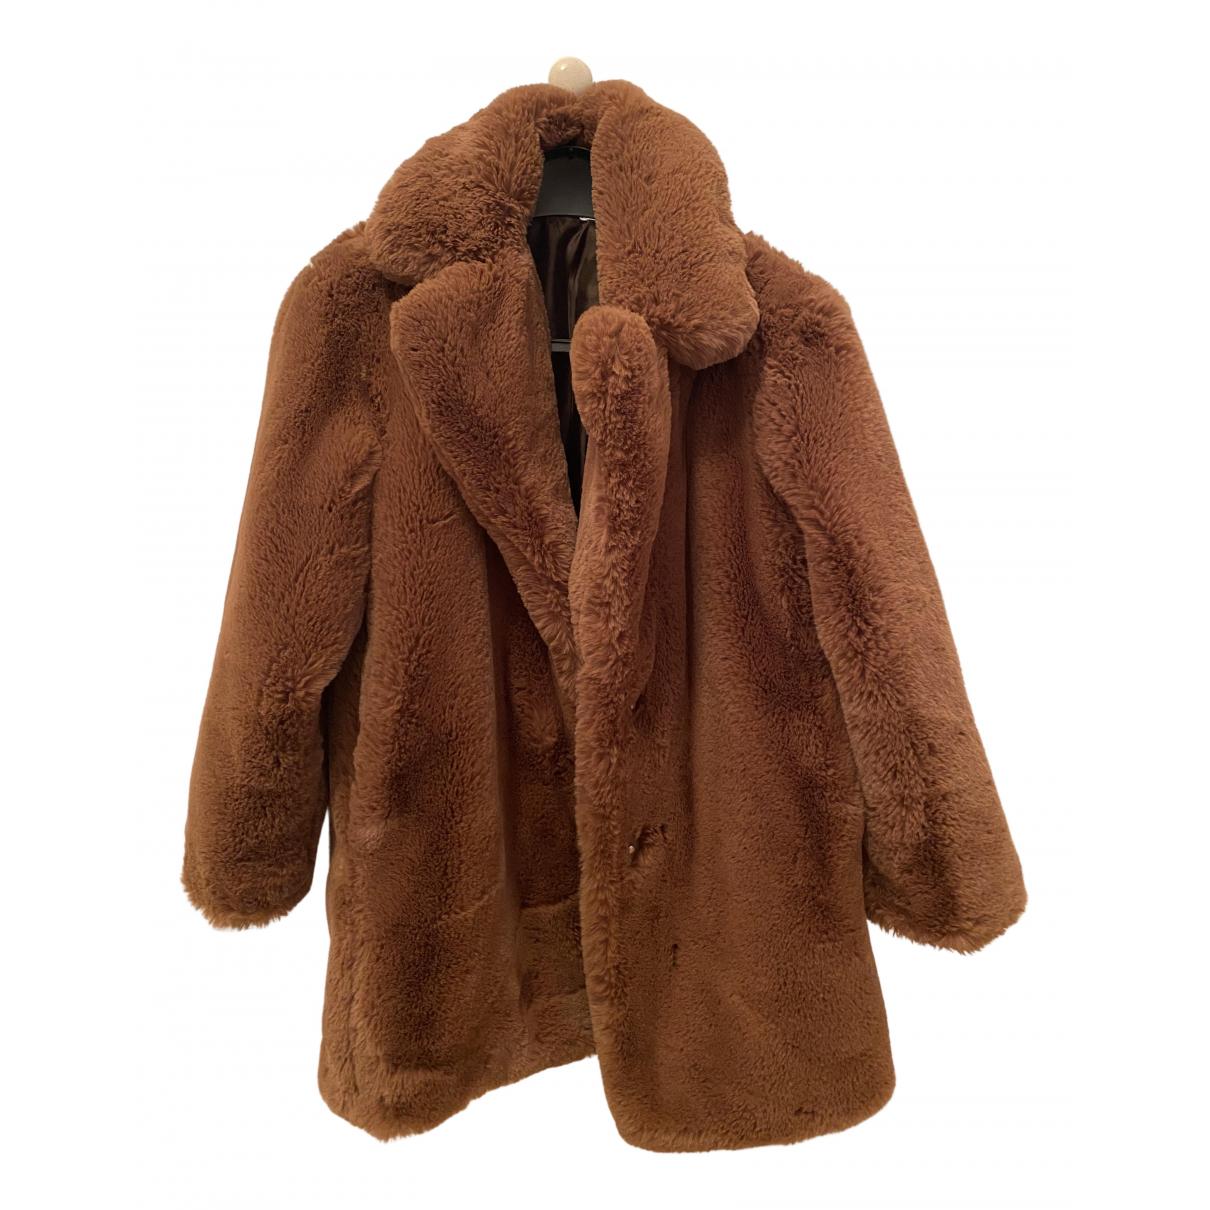 Mango - Manteau   pour femme en fourrure synthetique - marron